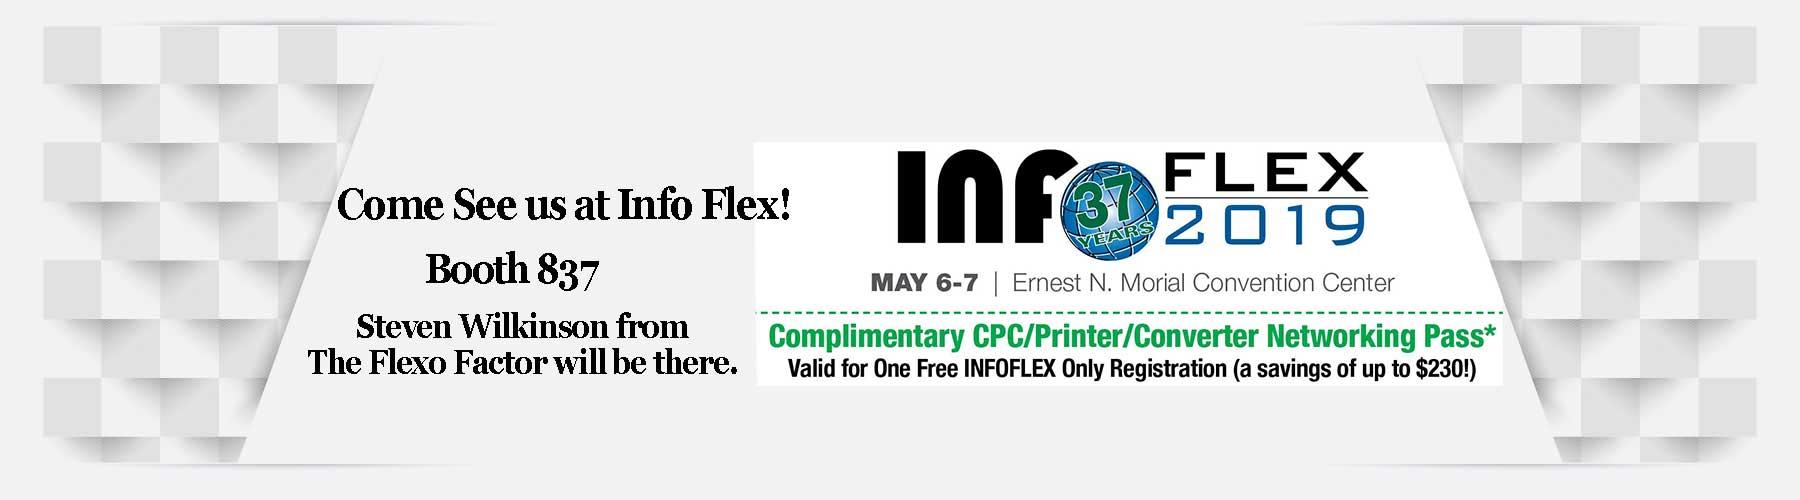 Info Flex 2019 The Flexo Factor